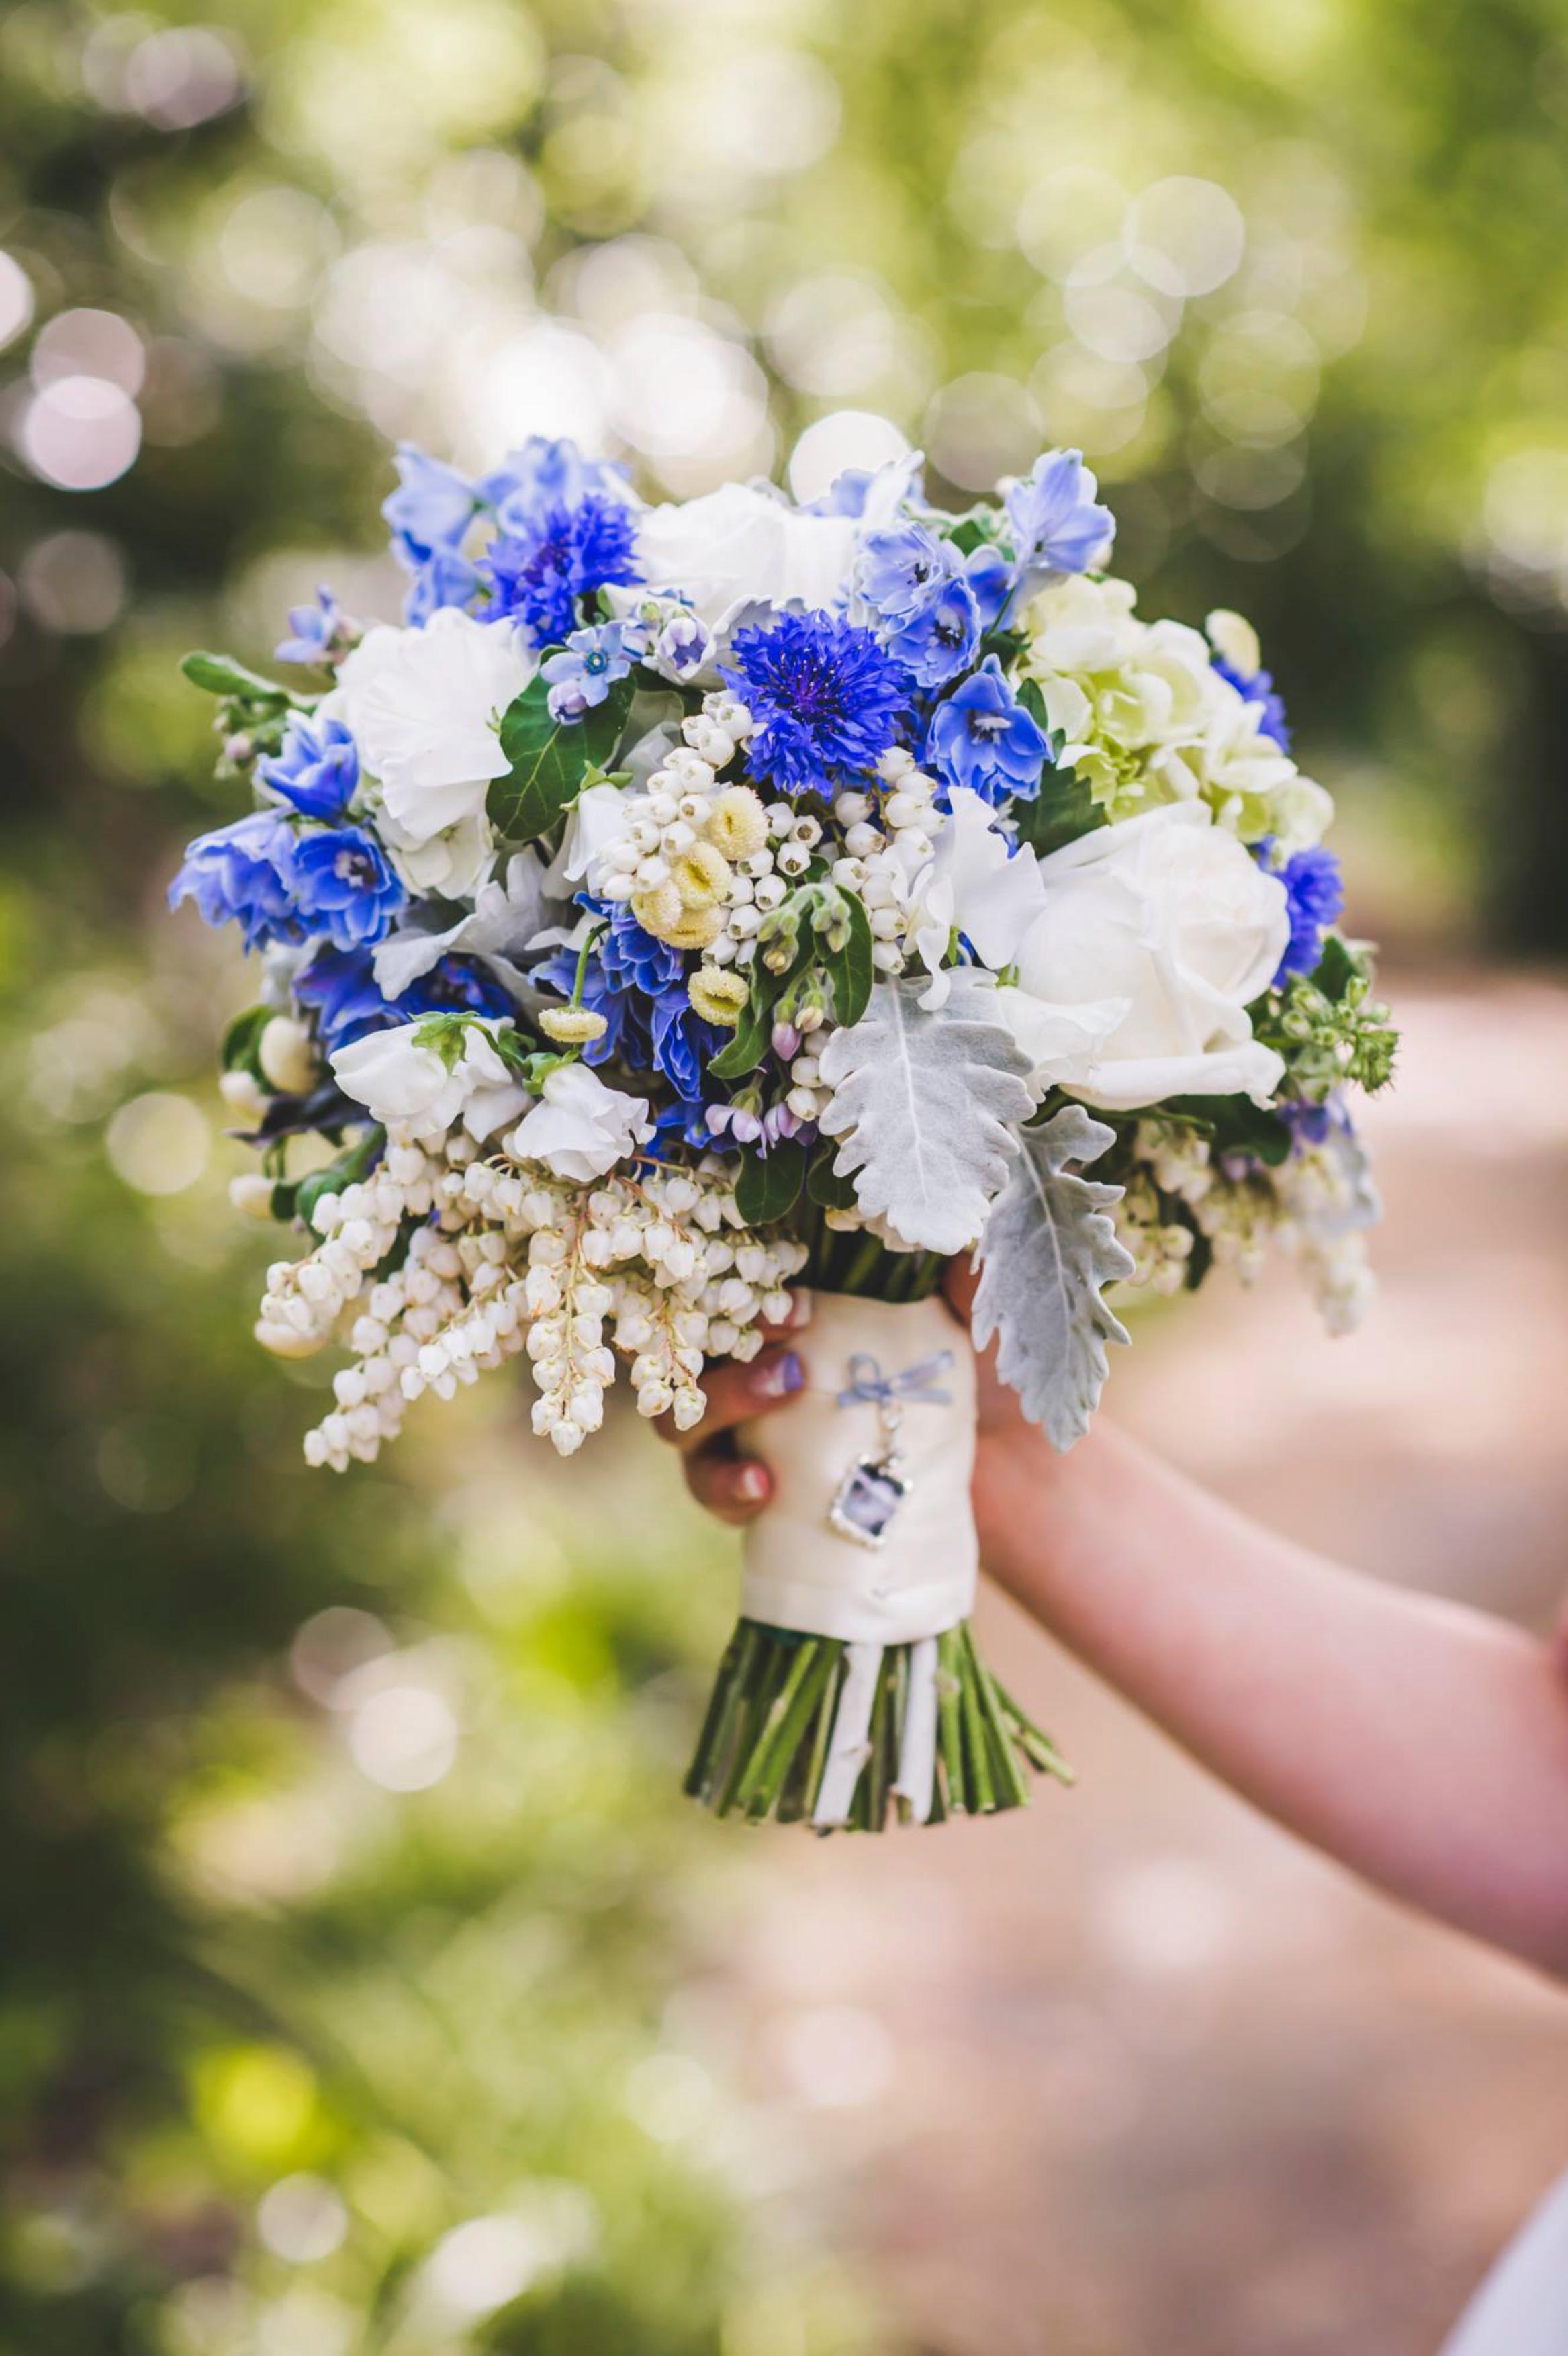 Round textured wedding bouquet - Unbridely